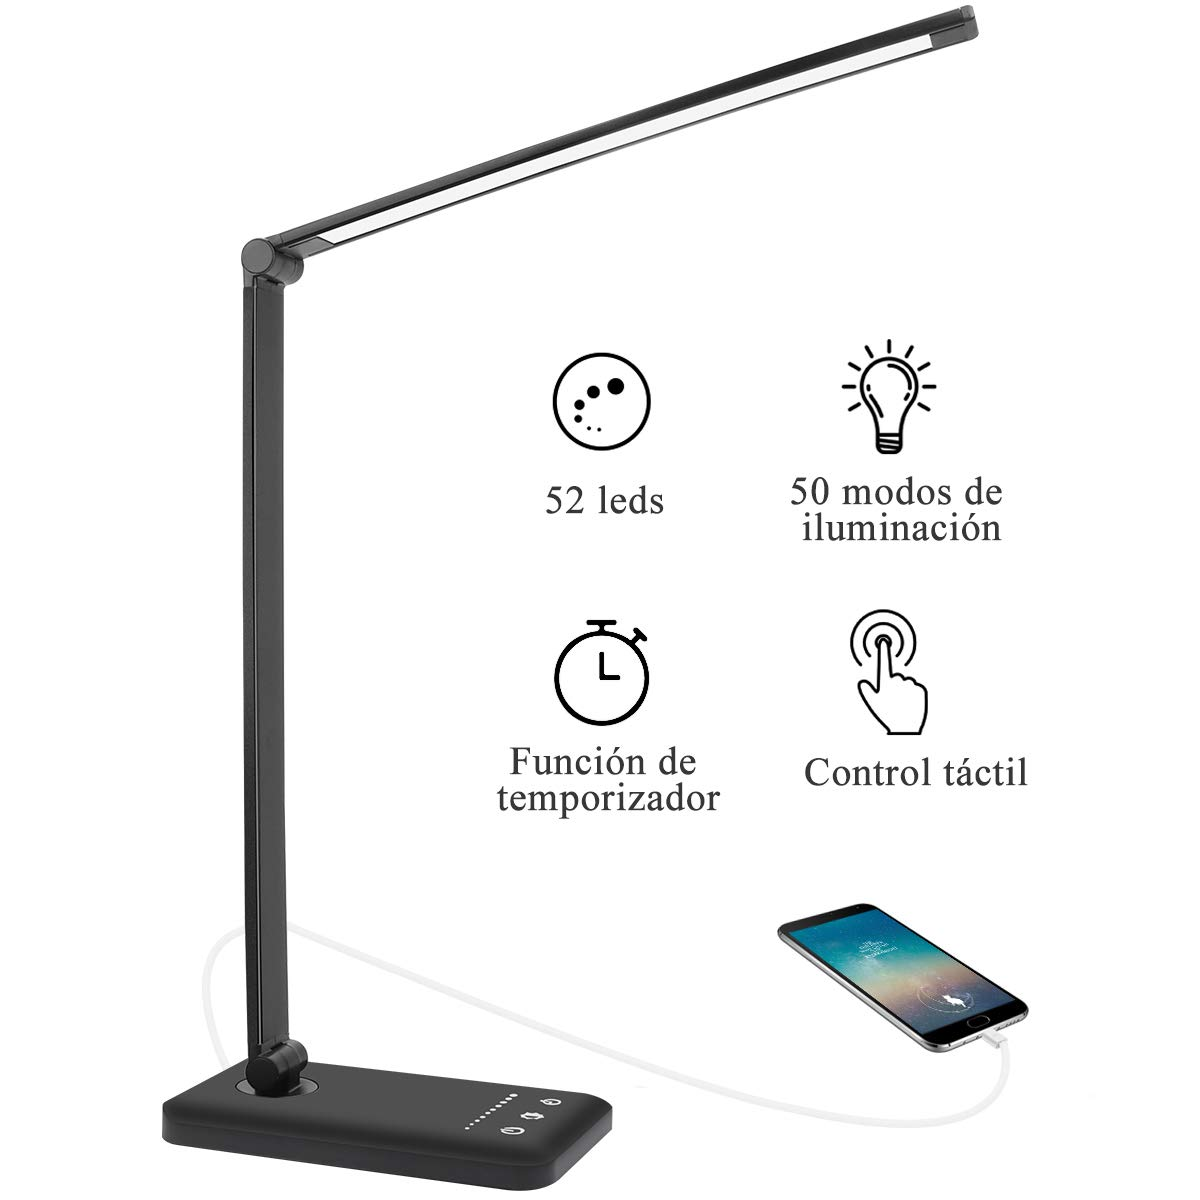 AUELEK Lámpara Escritorio LED, Lámparas de Mesa USB Recargable Flexo Luz con Diseño Giratorio/Control Táctil/ 3 Brillos/ 5 Colores